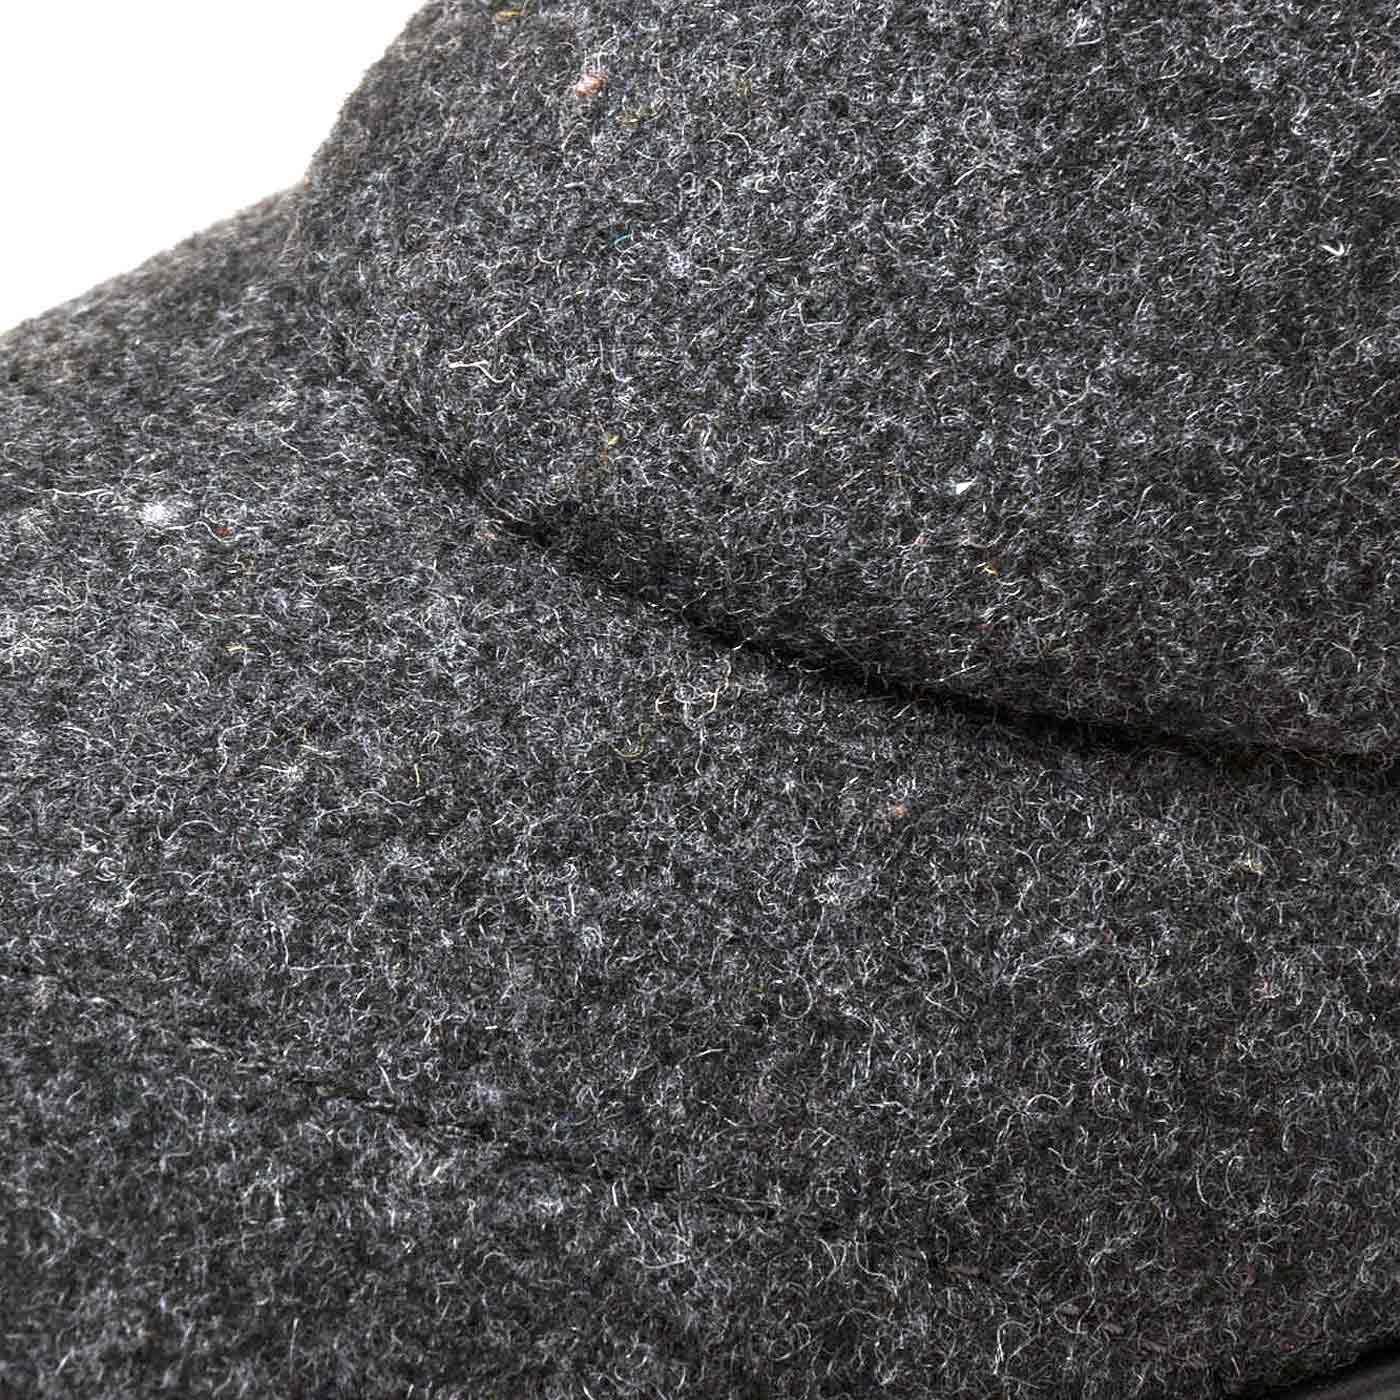 ウール混のフェルト素材。上質感のある素材で着こなしを格上げ。